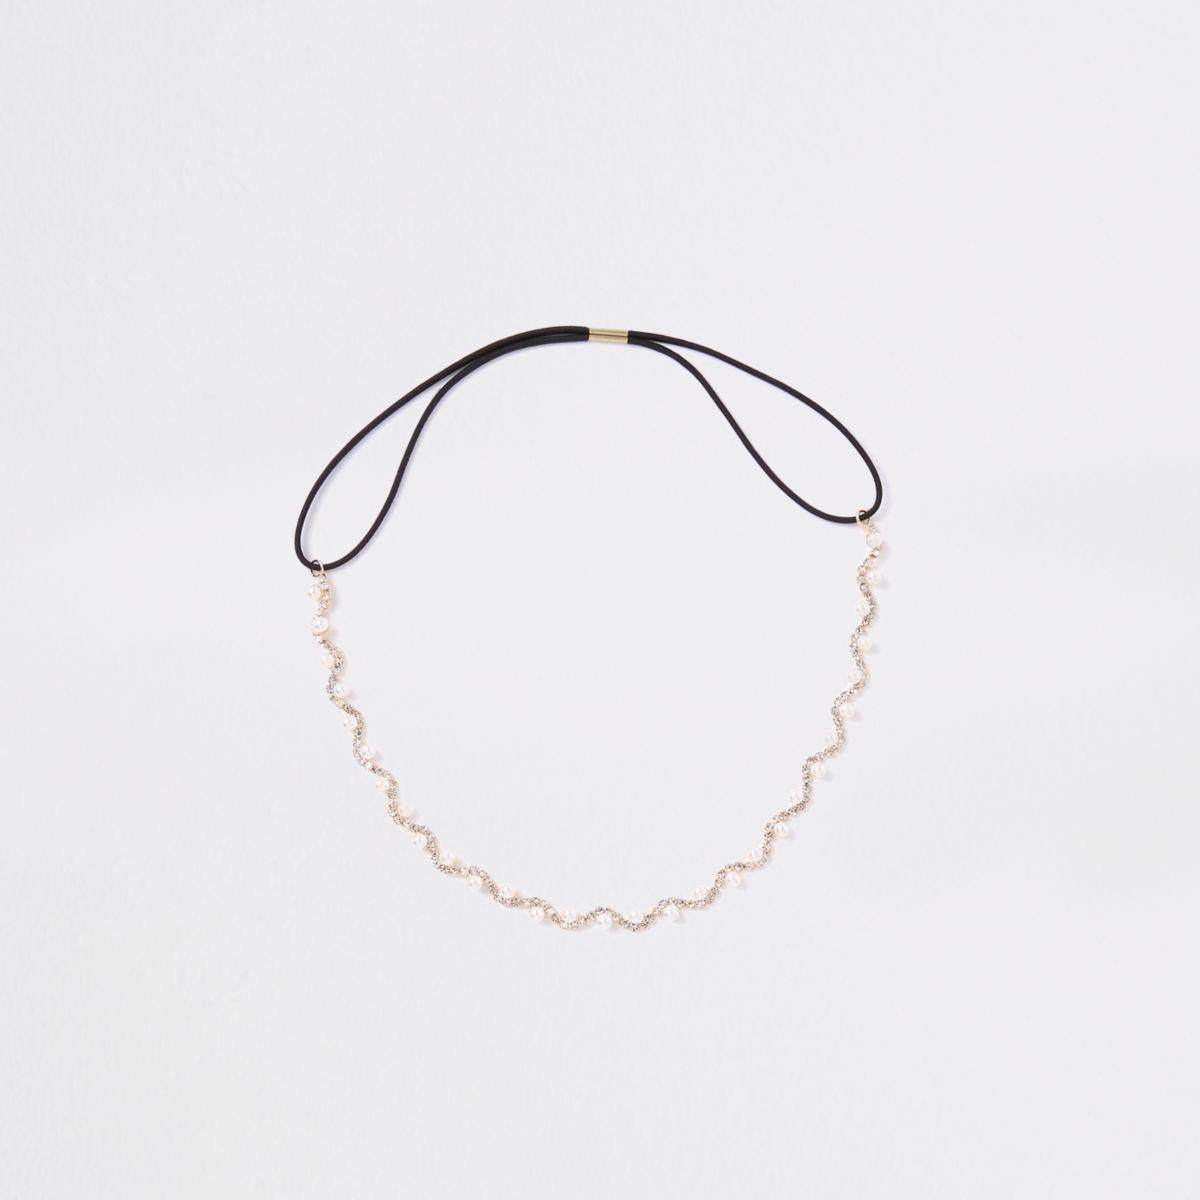 Gold tone diamante faux pearl head band